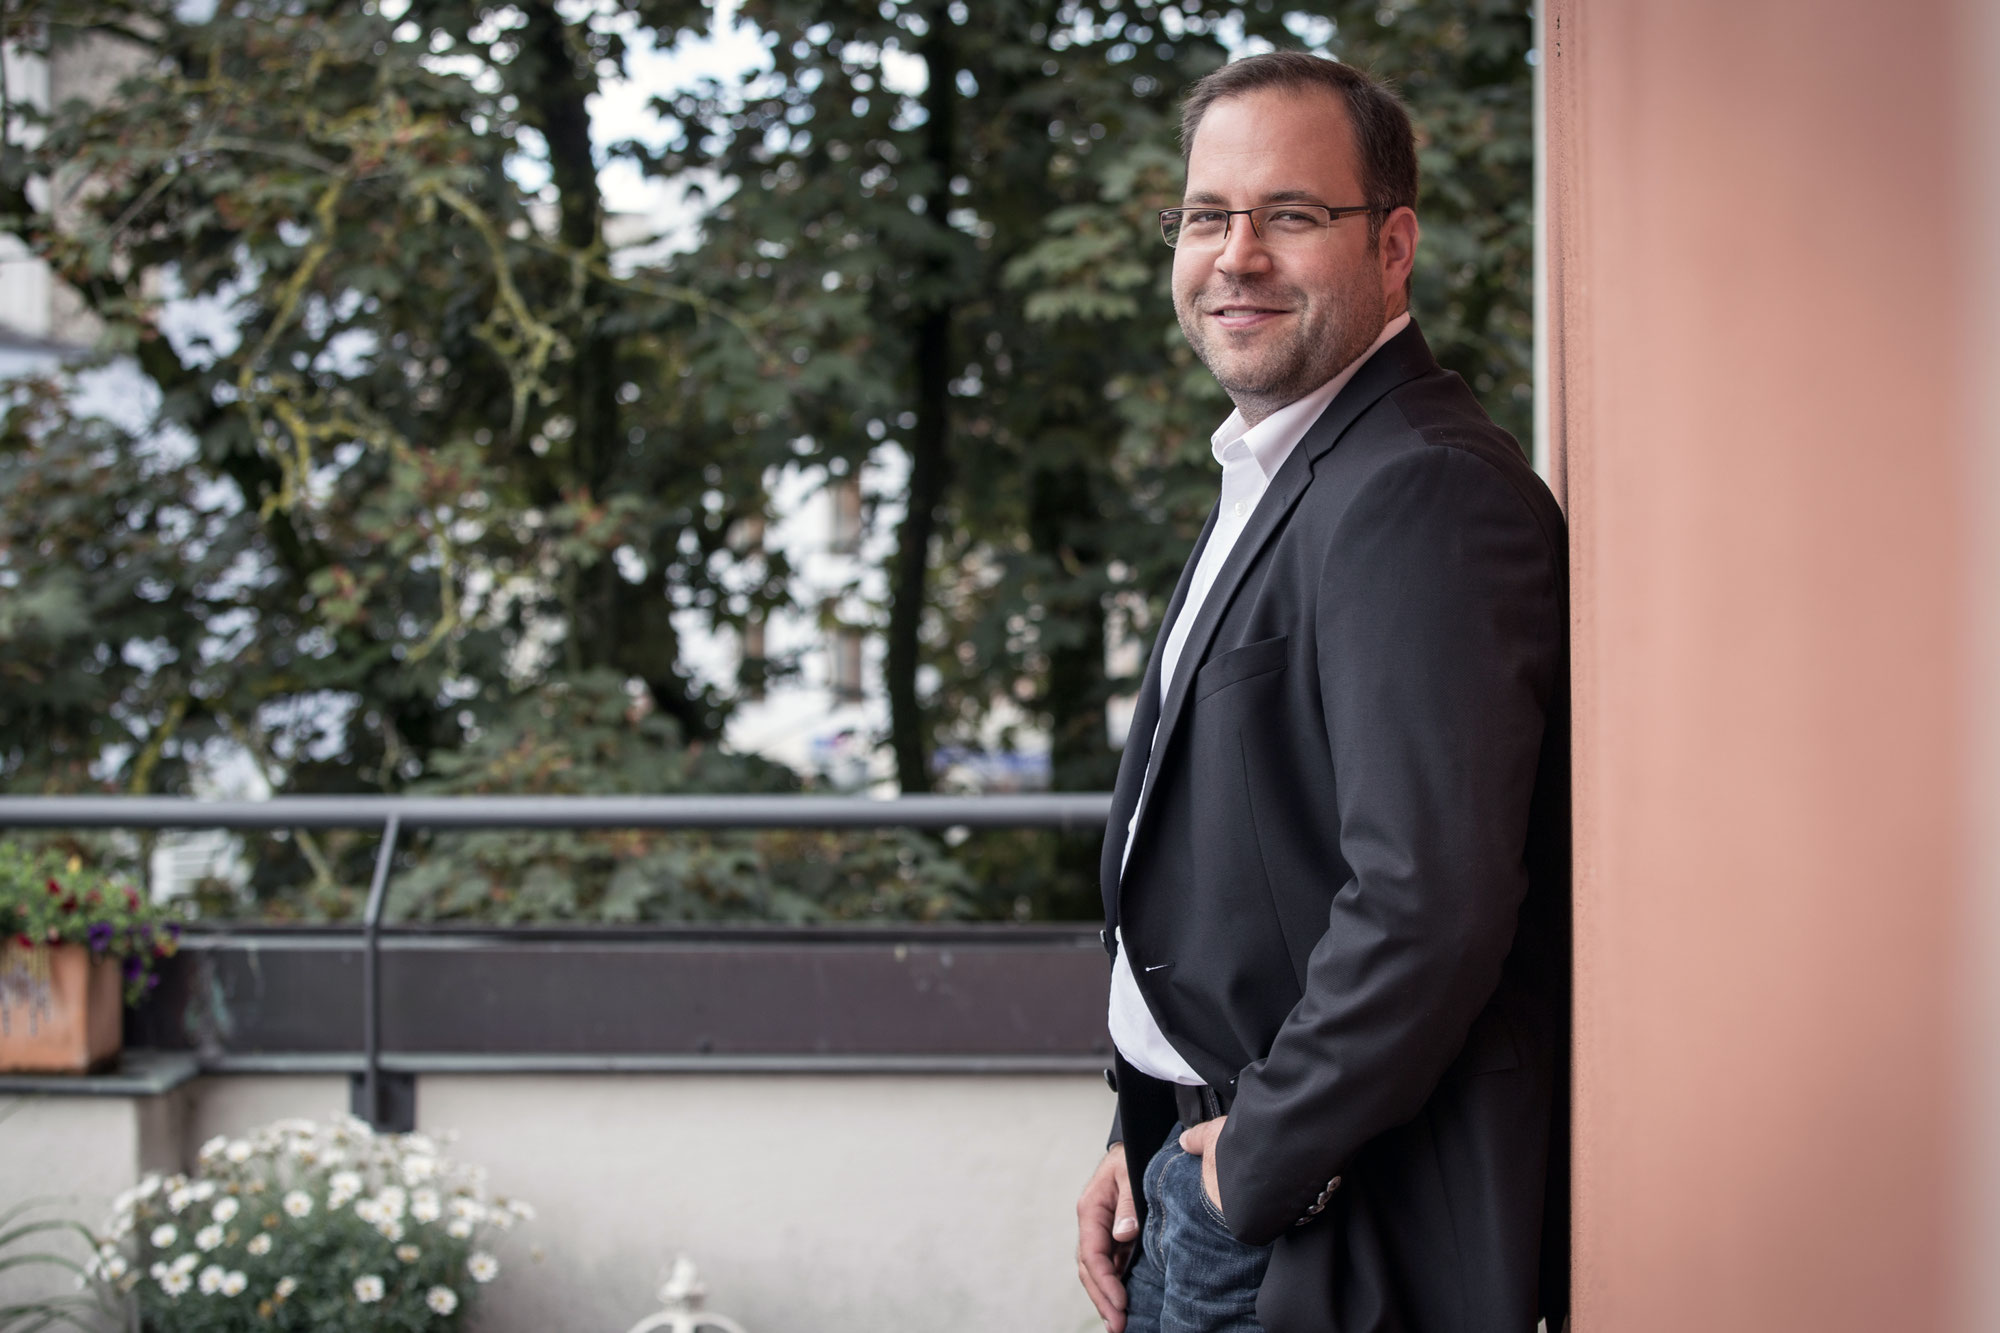 Der Erntehelfer Podcast - Folge 23 - Manuel Weiskopf - hat die Sicherheit der Besucher im Fokus